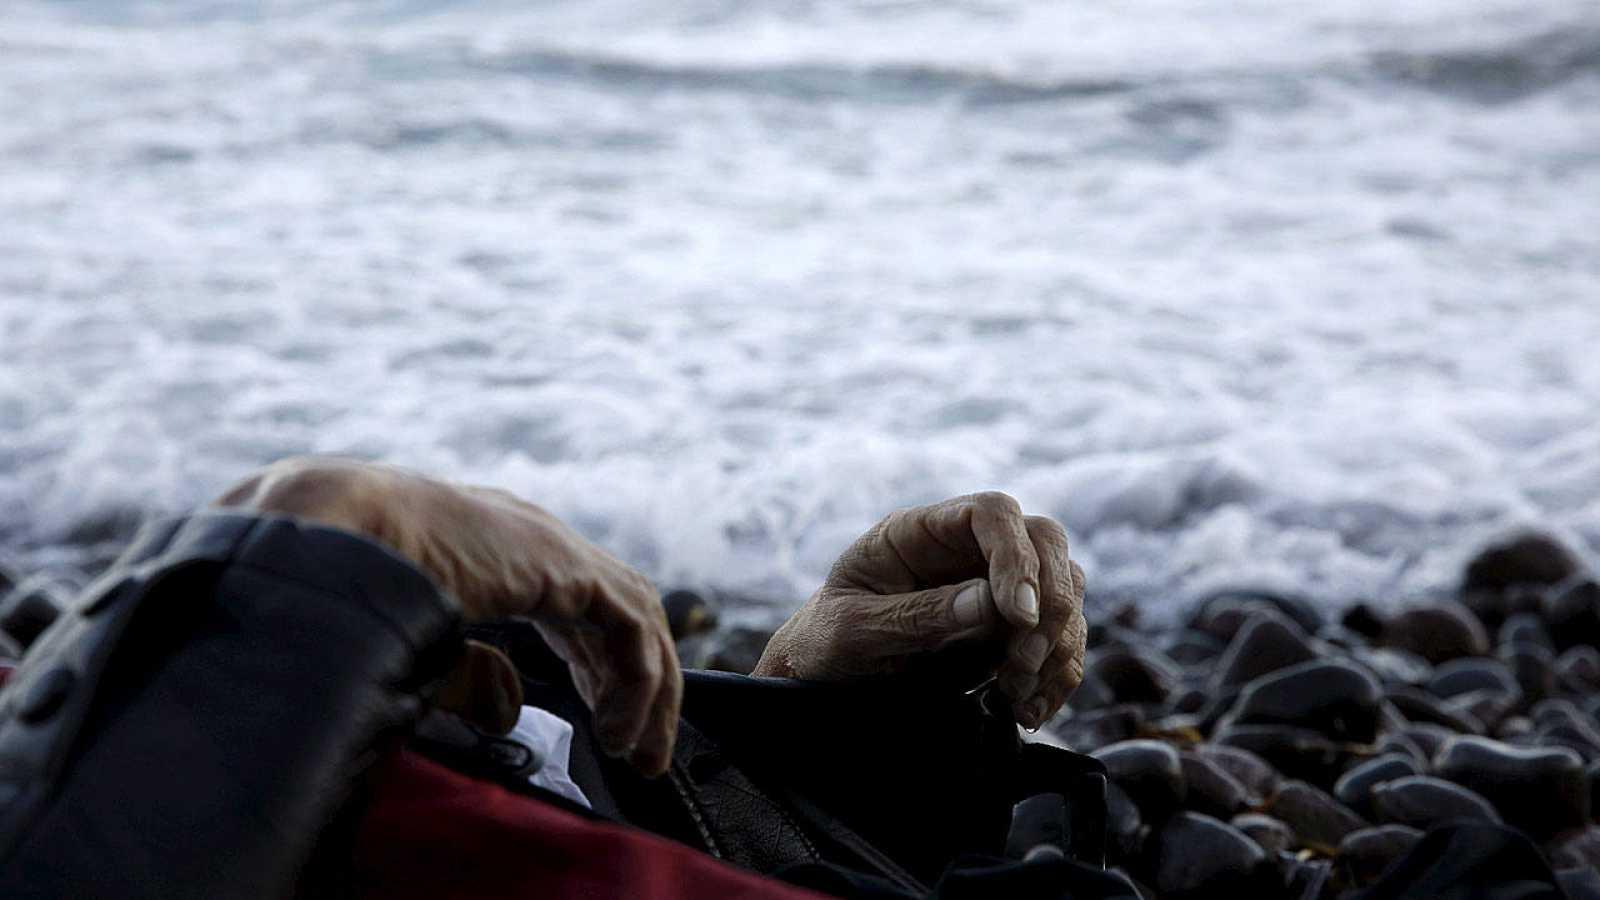 Las manos de un hombre ahogado este domingo cuando intenta llegar a la isla de Lesbos.